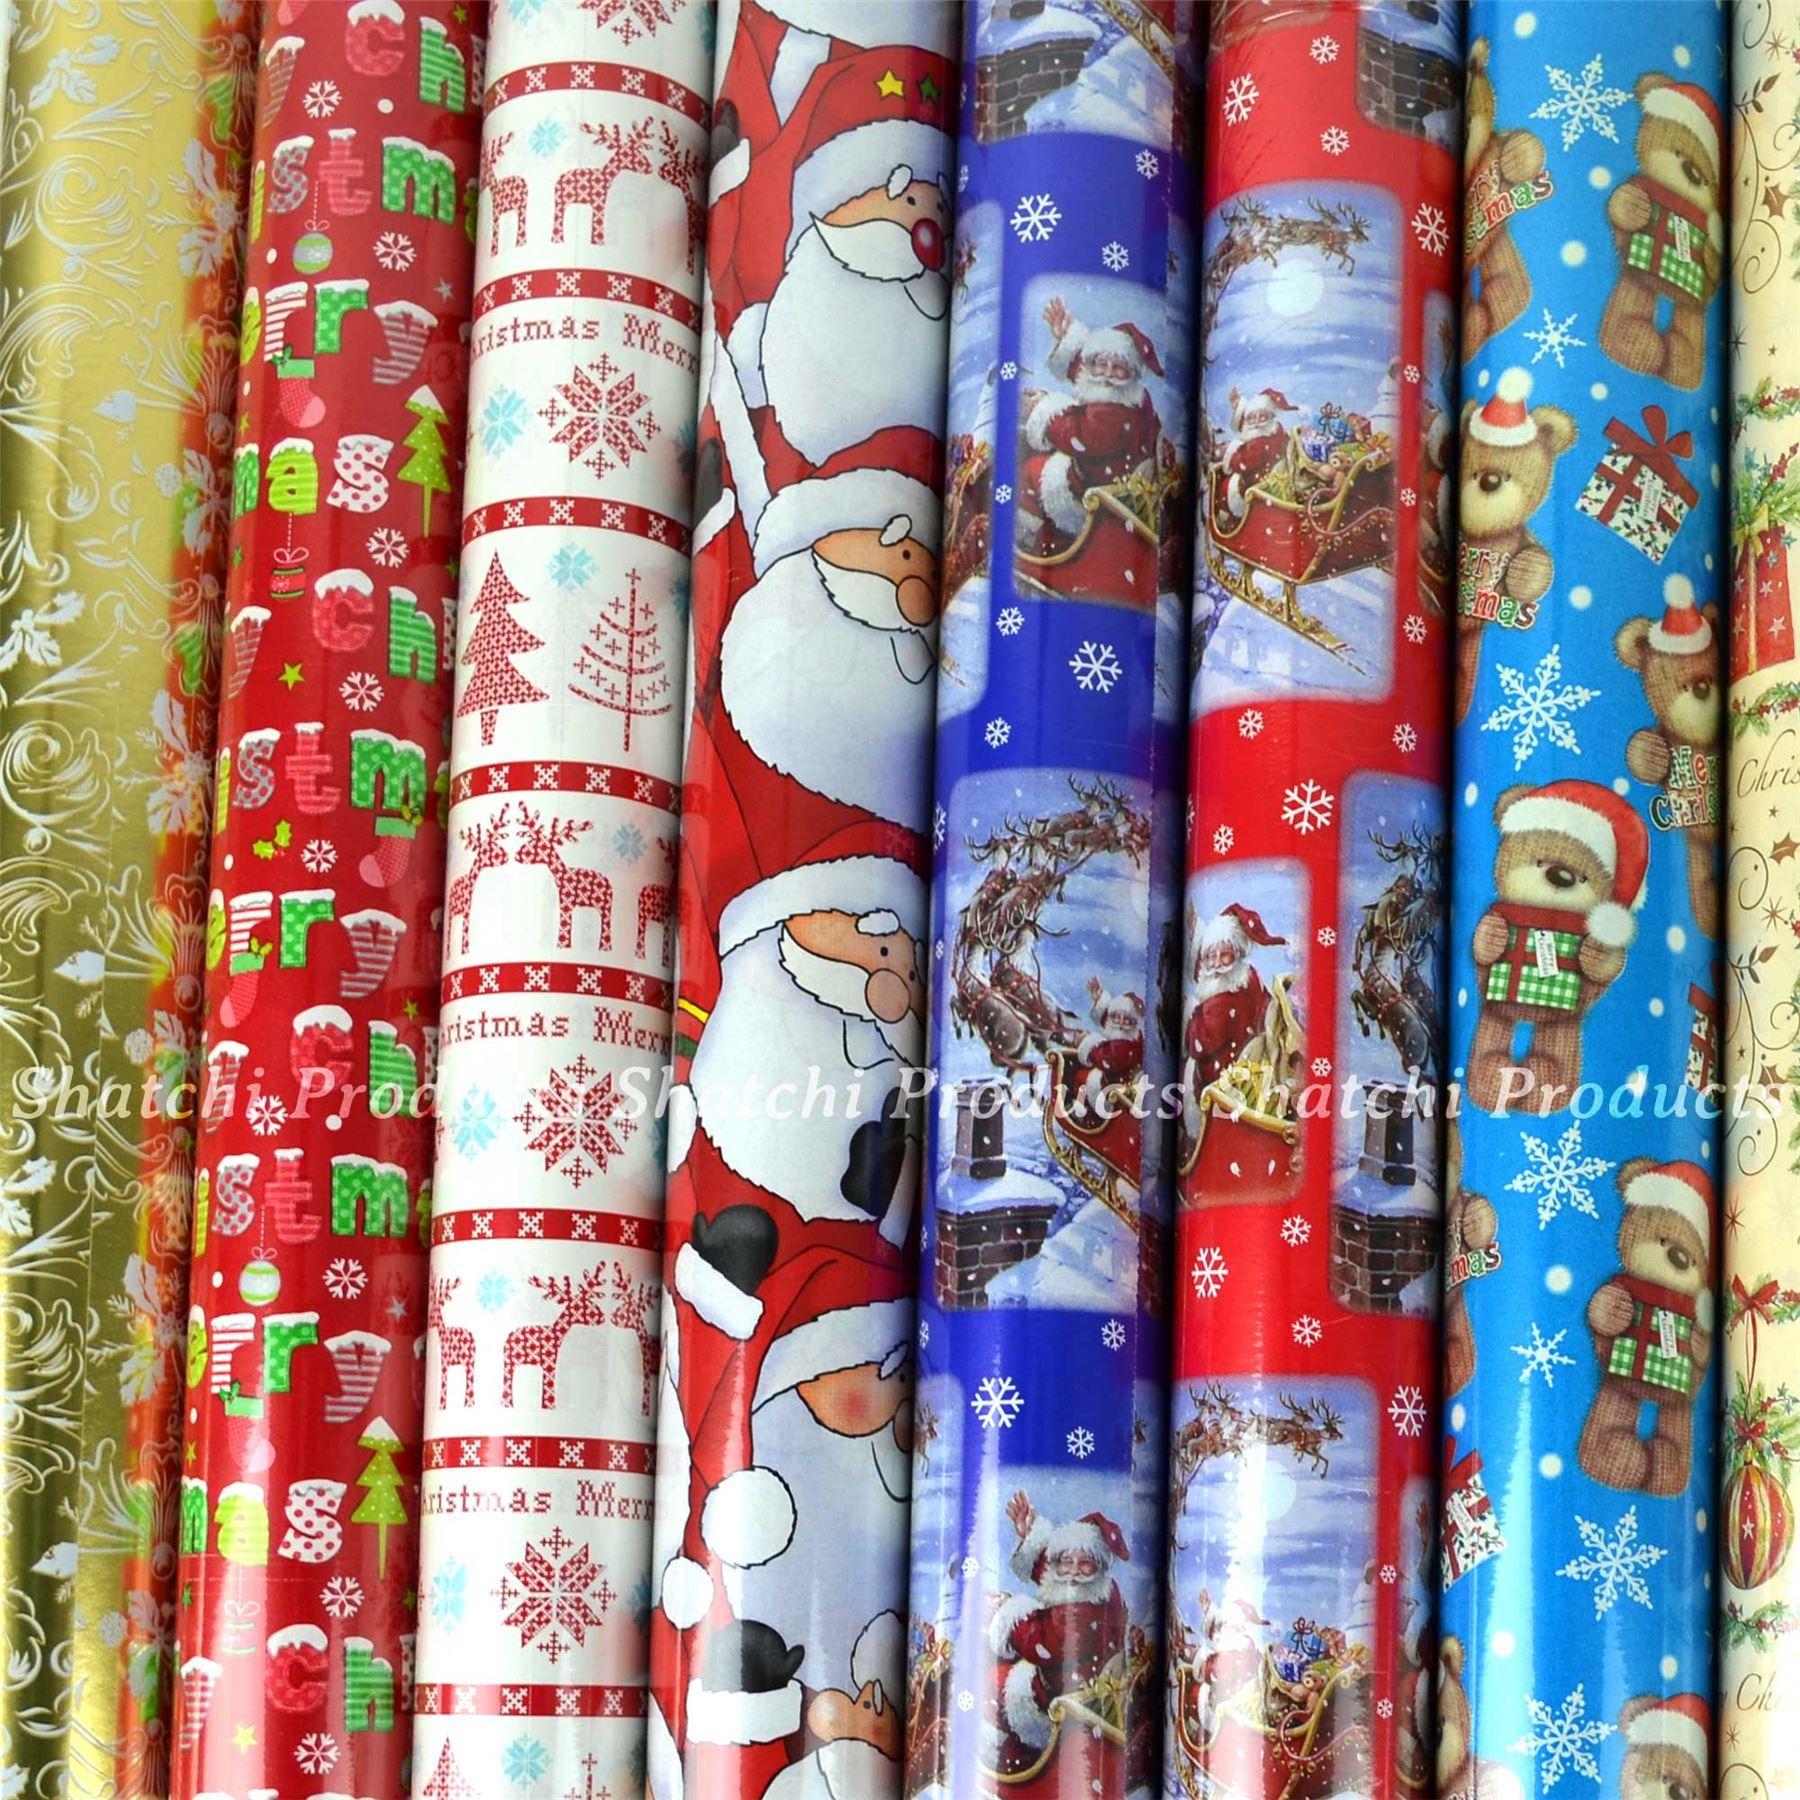 10M-Natale-Regalo-Wrap-Assortiti-ROTOLI-DI-CARTA-DA-PACCO-ROTOLO-REGALO-DI-NATALE miniatura 32